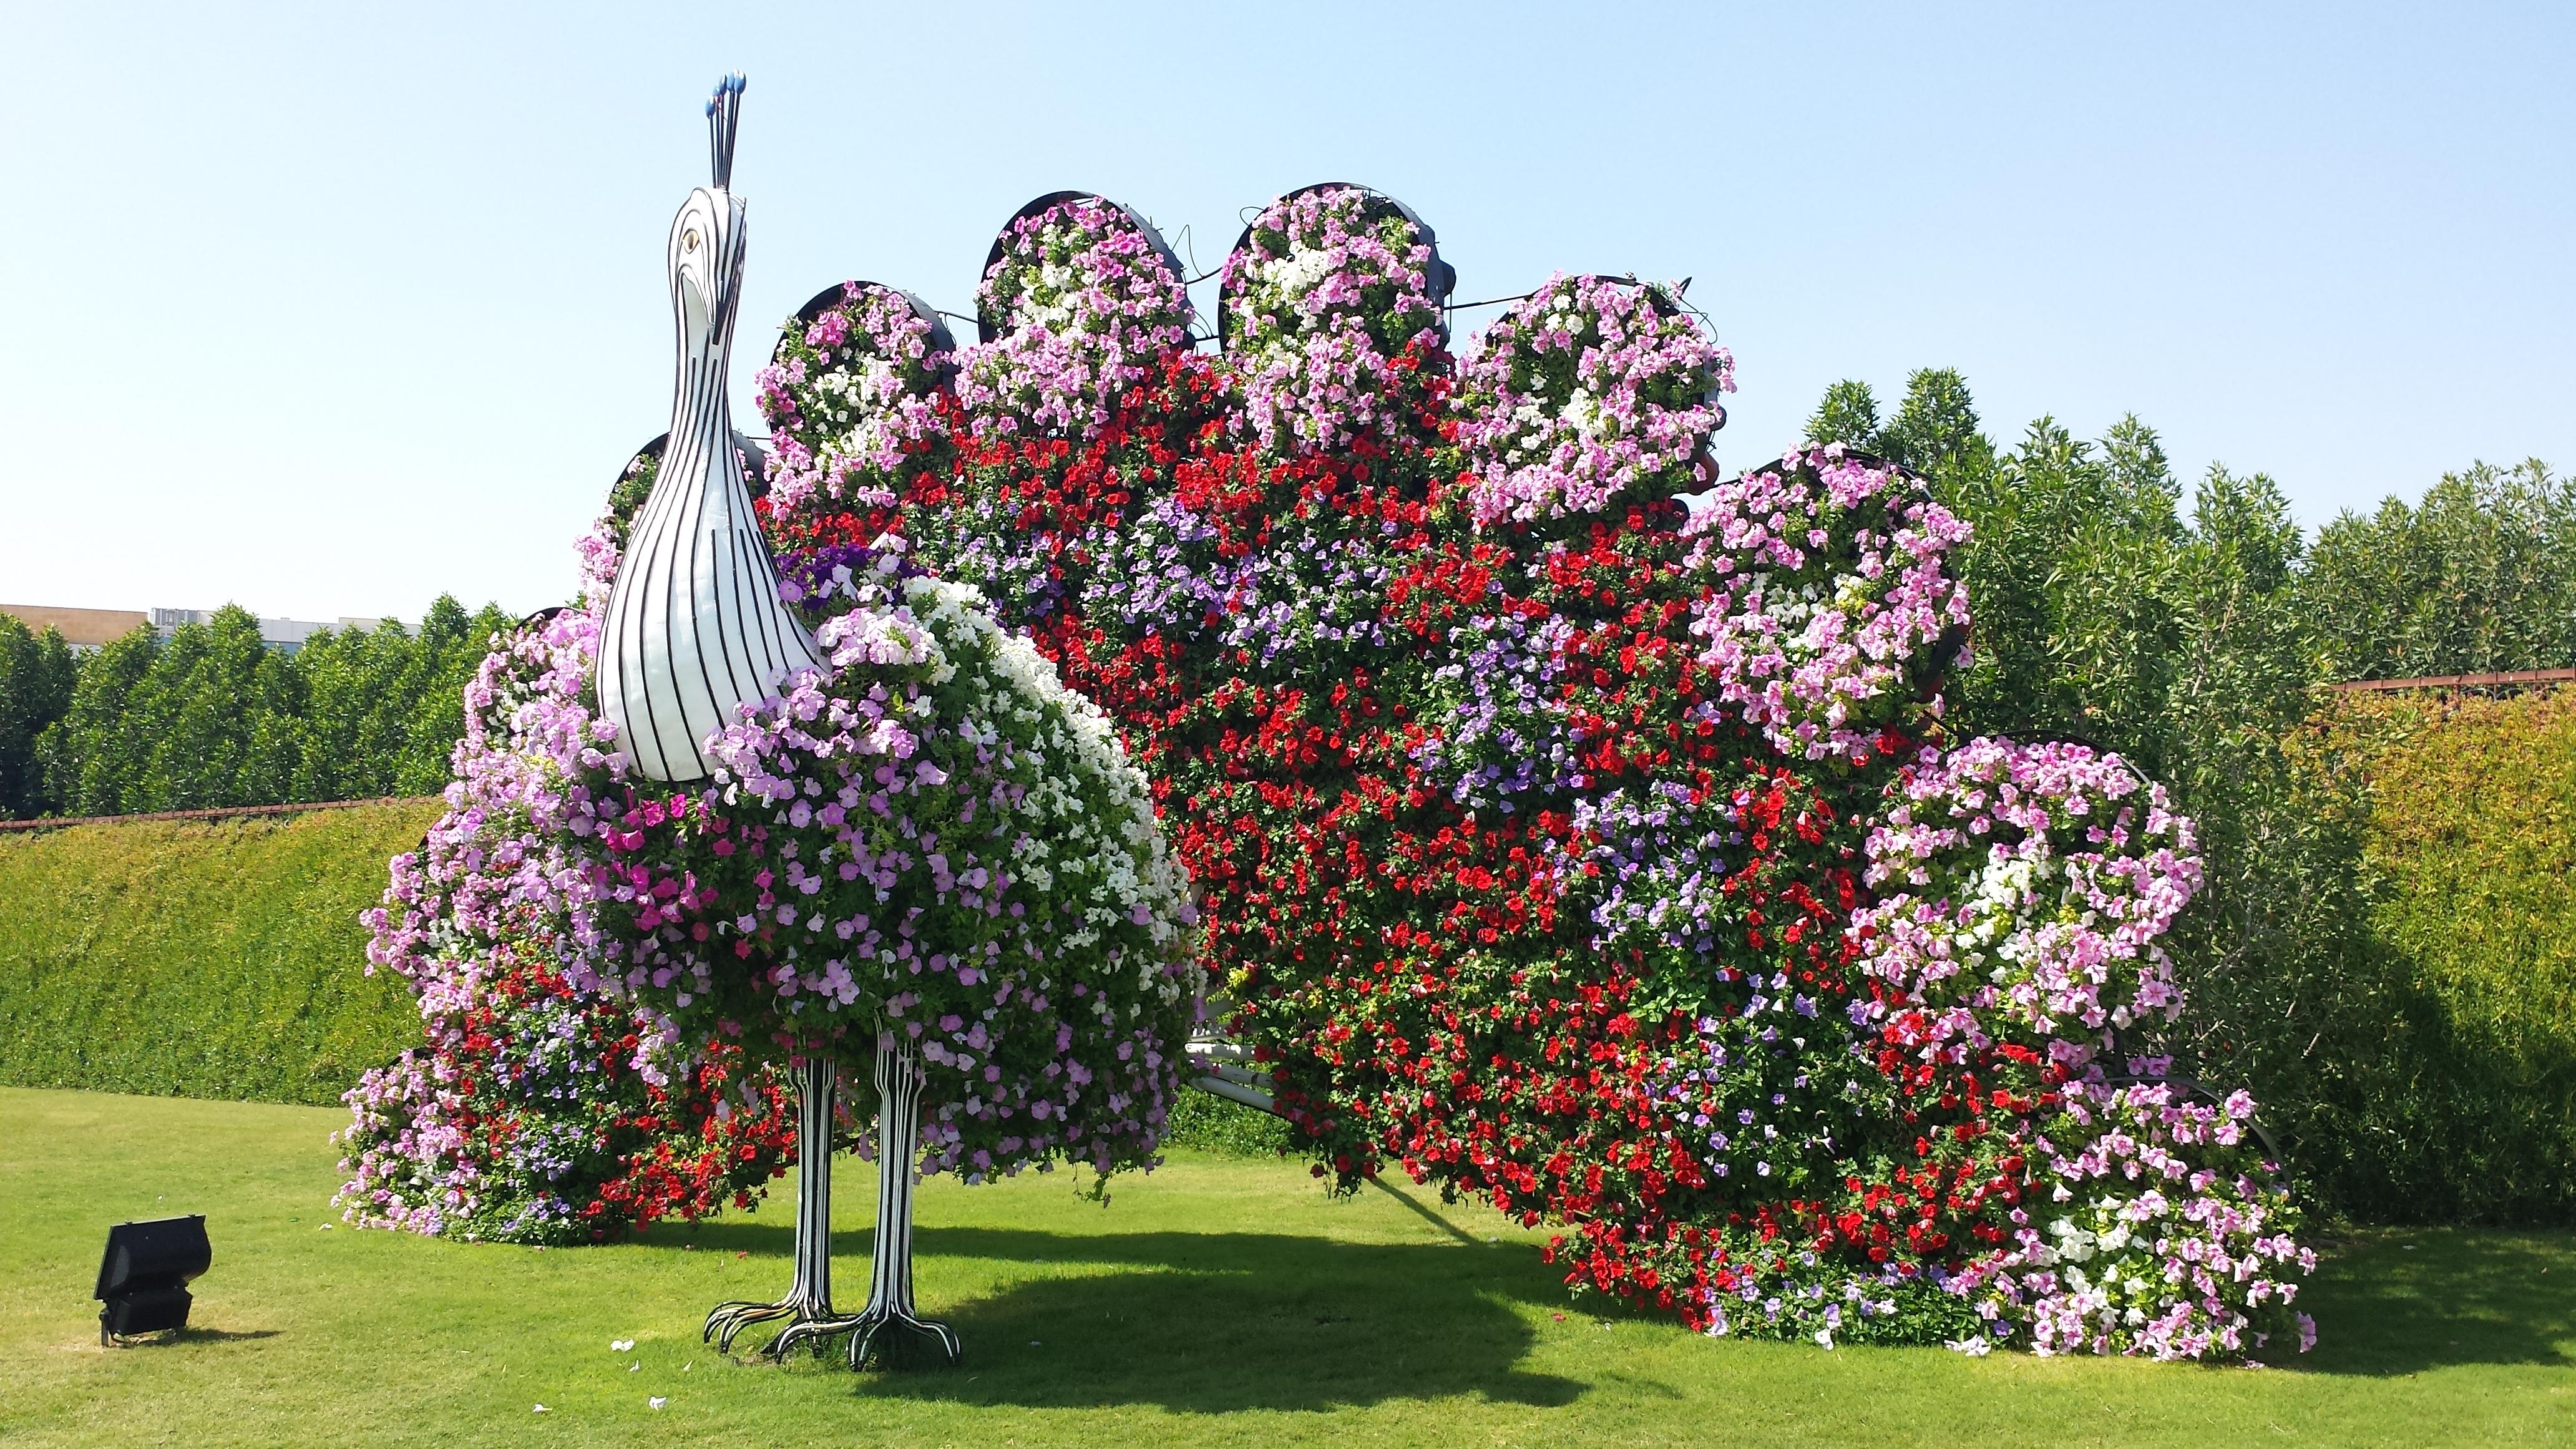 20140222_115202 - Dubai Miracle Garden